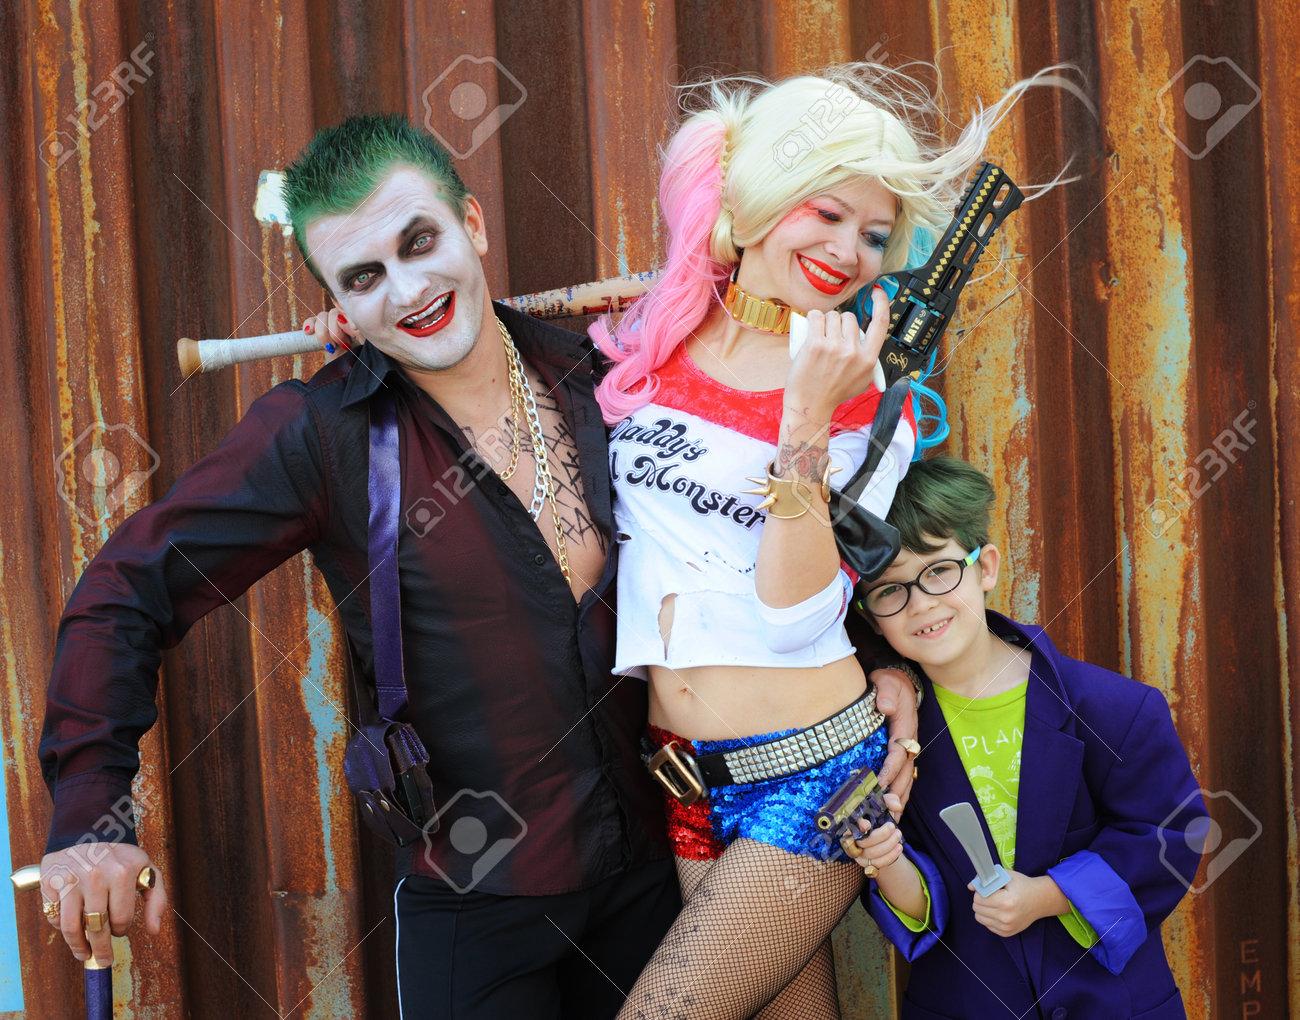 cosplayer madchen in harley quinn kostum und cosplayer manner in joker cosume standard bild